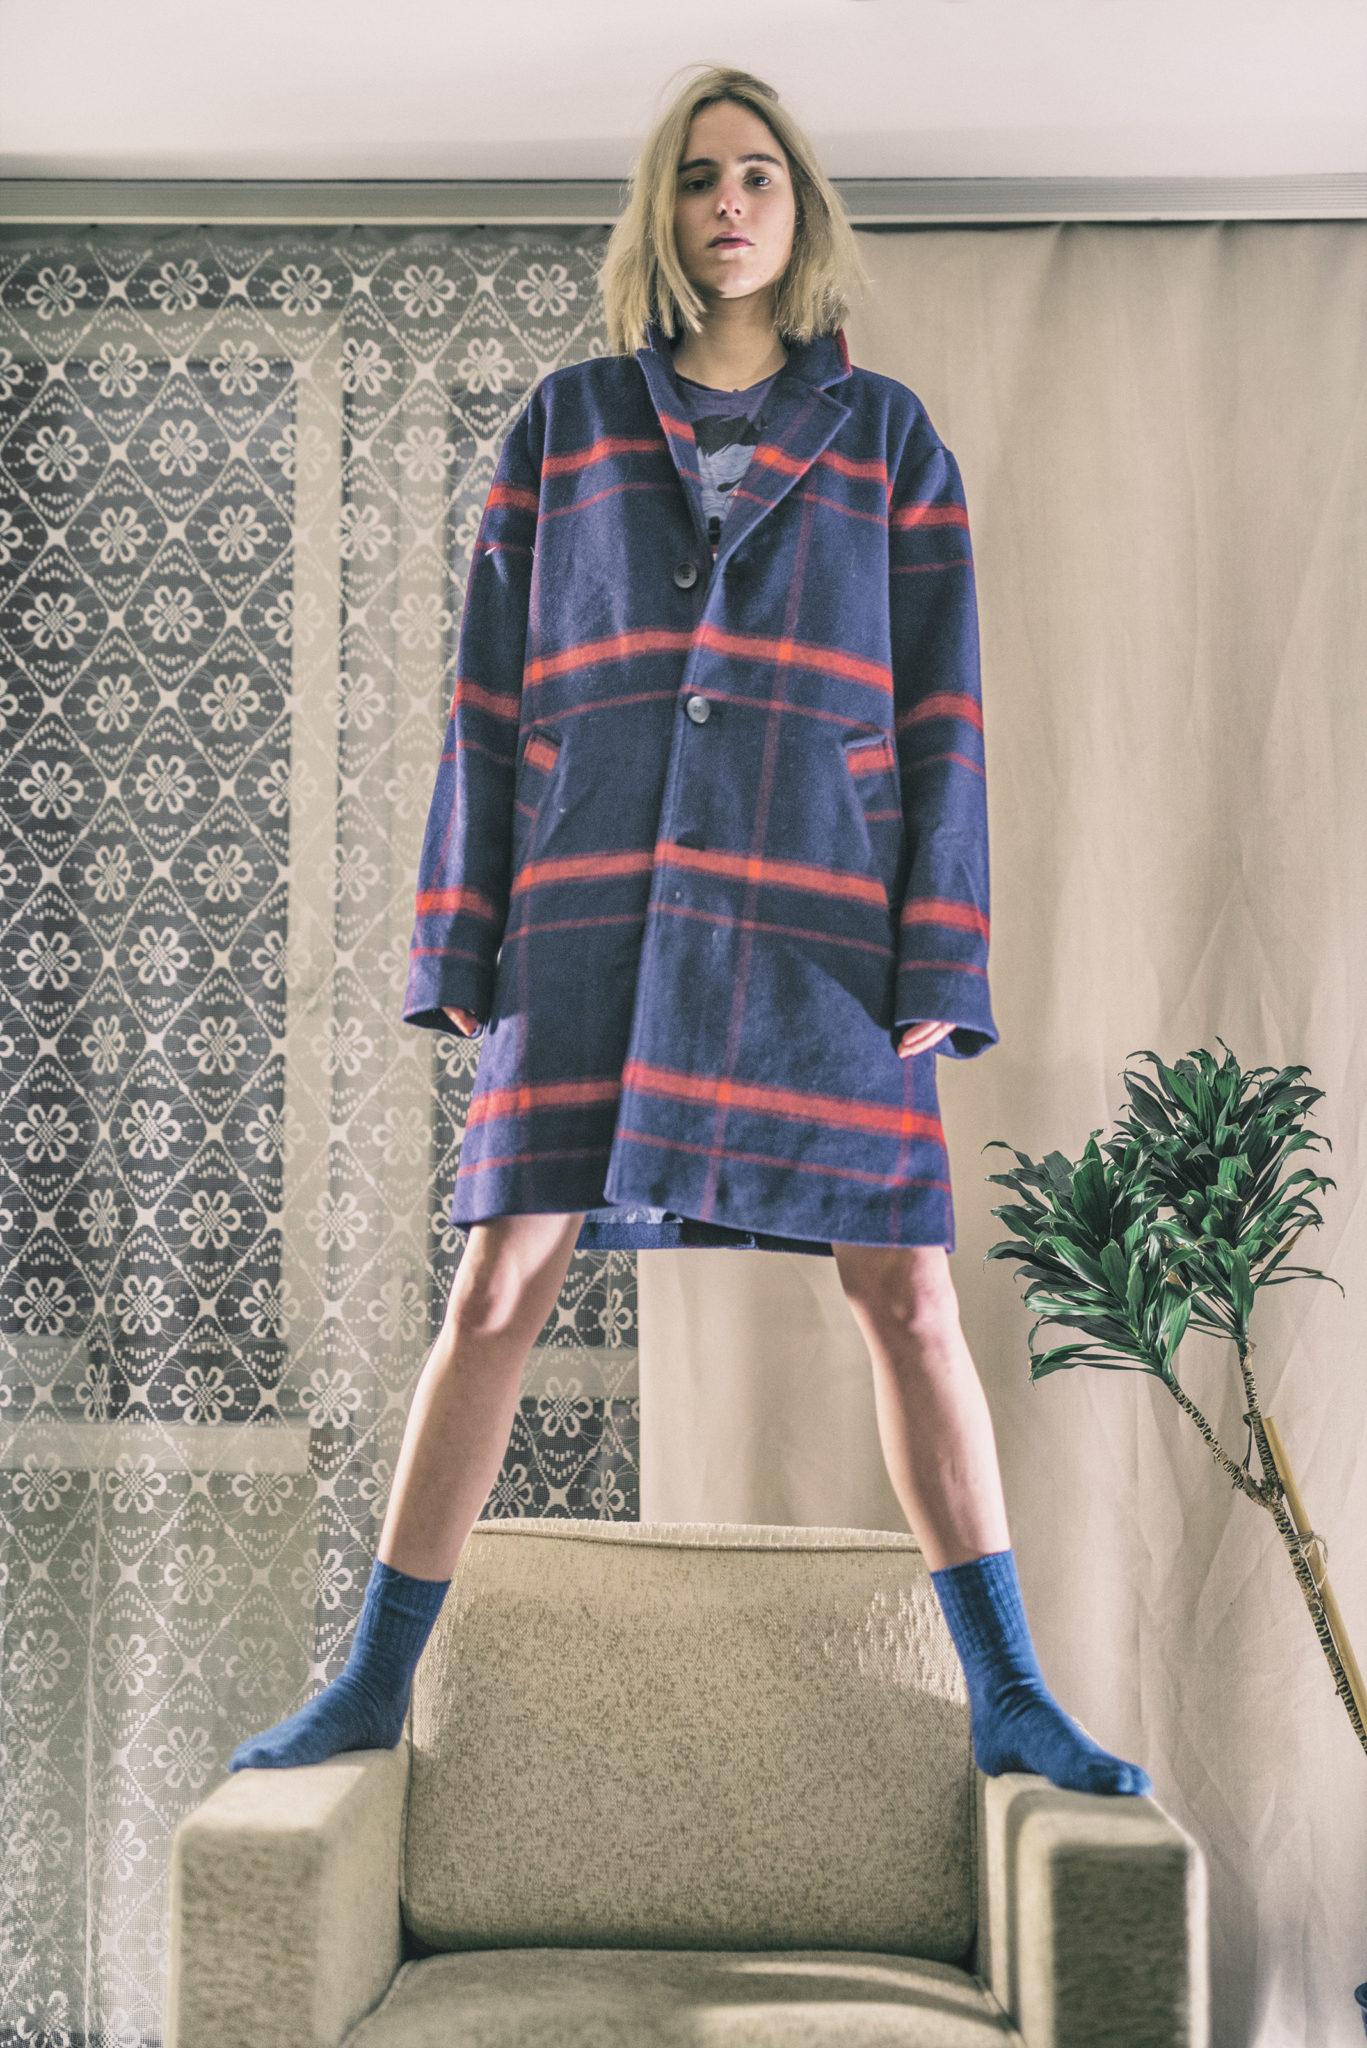 na zdjeciu widzimy mloda dziewczyne ubrana jedynie w niebieska marynarke w czerwone paski typu oversize i niebieskie skarpetki na stole w tle widzimy prlowskie mieszkanie firany okno i rosline